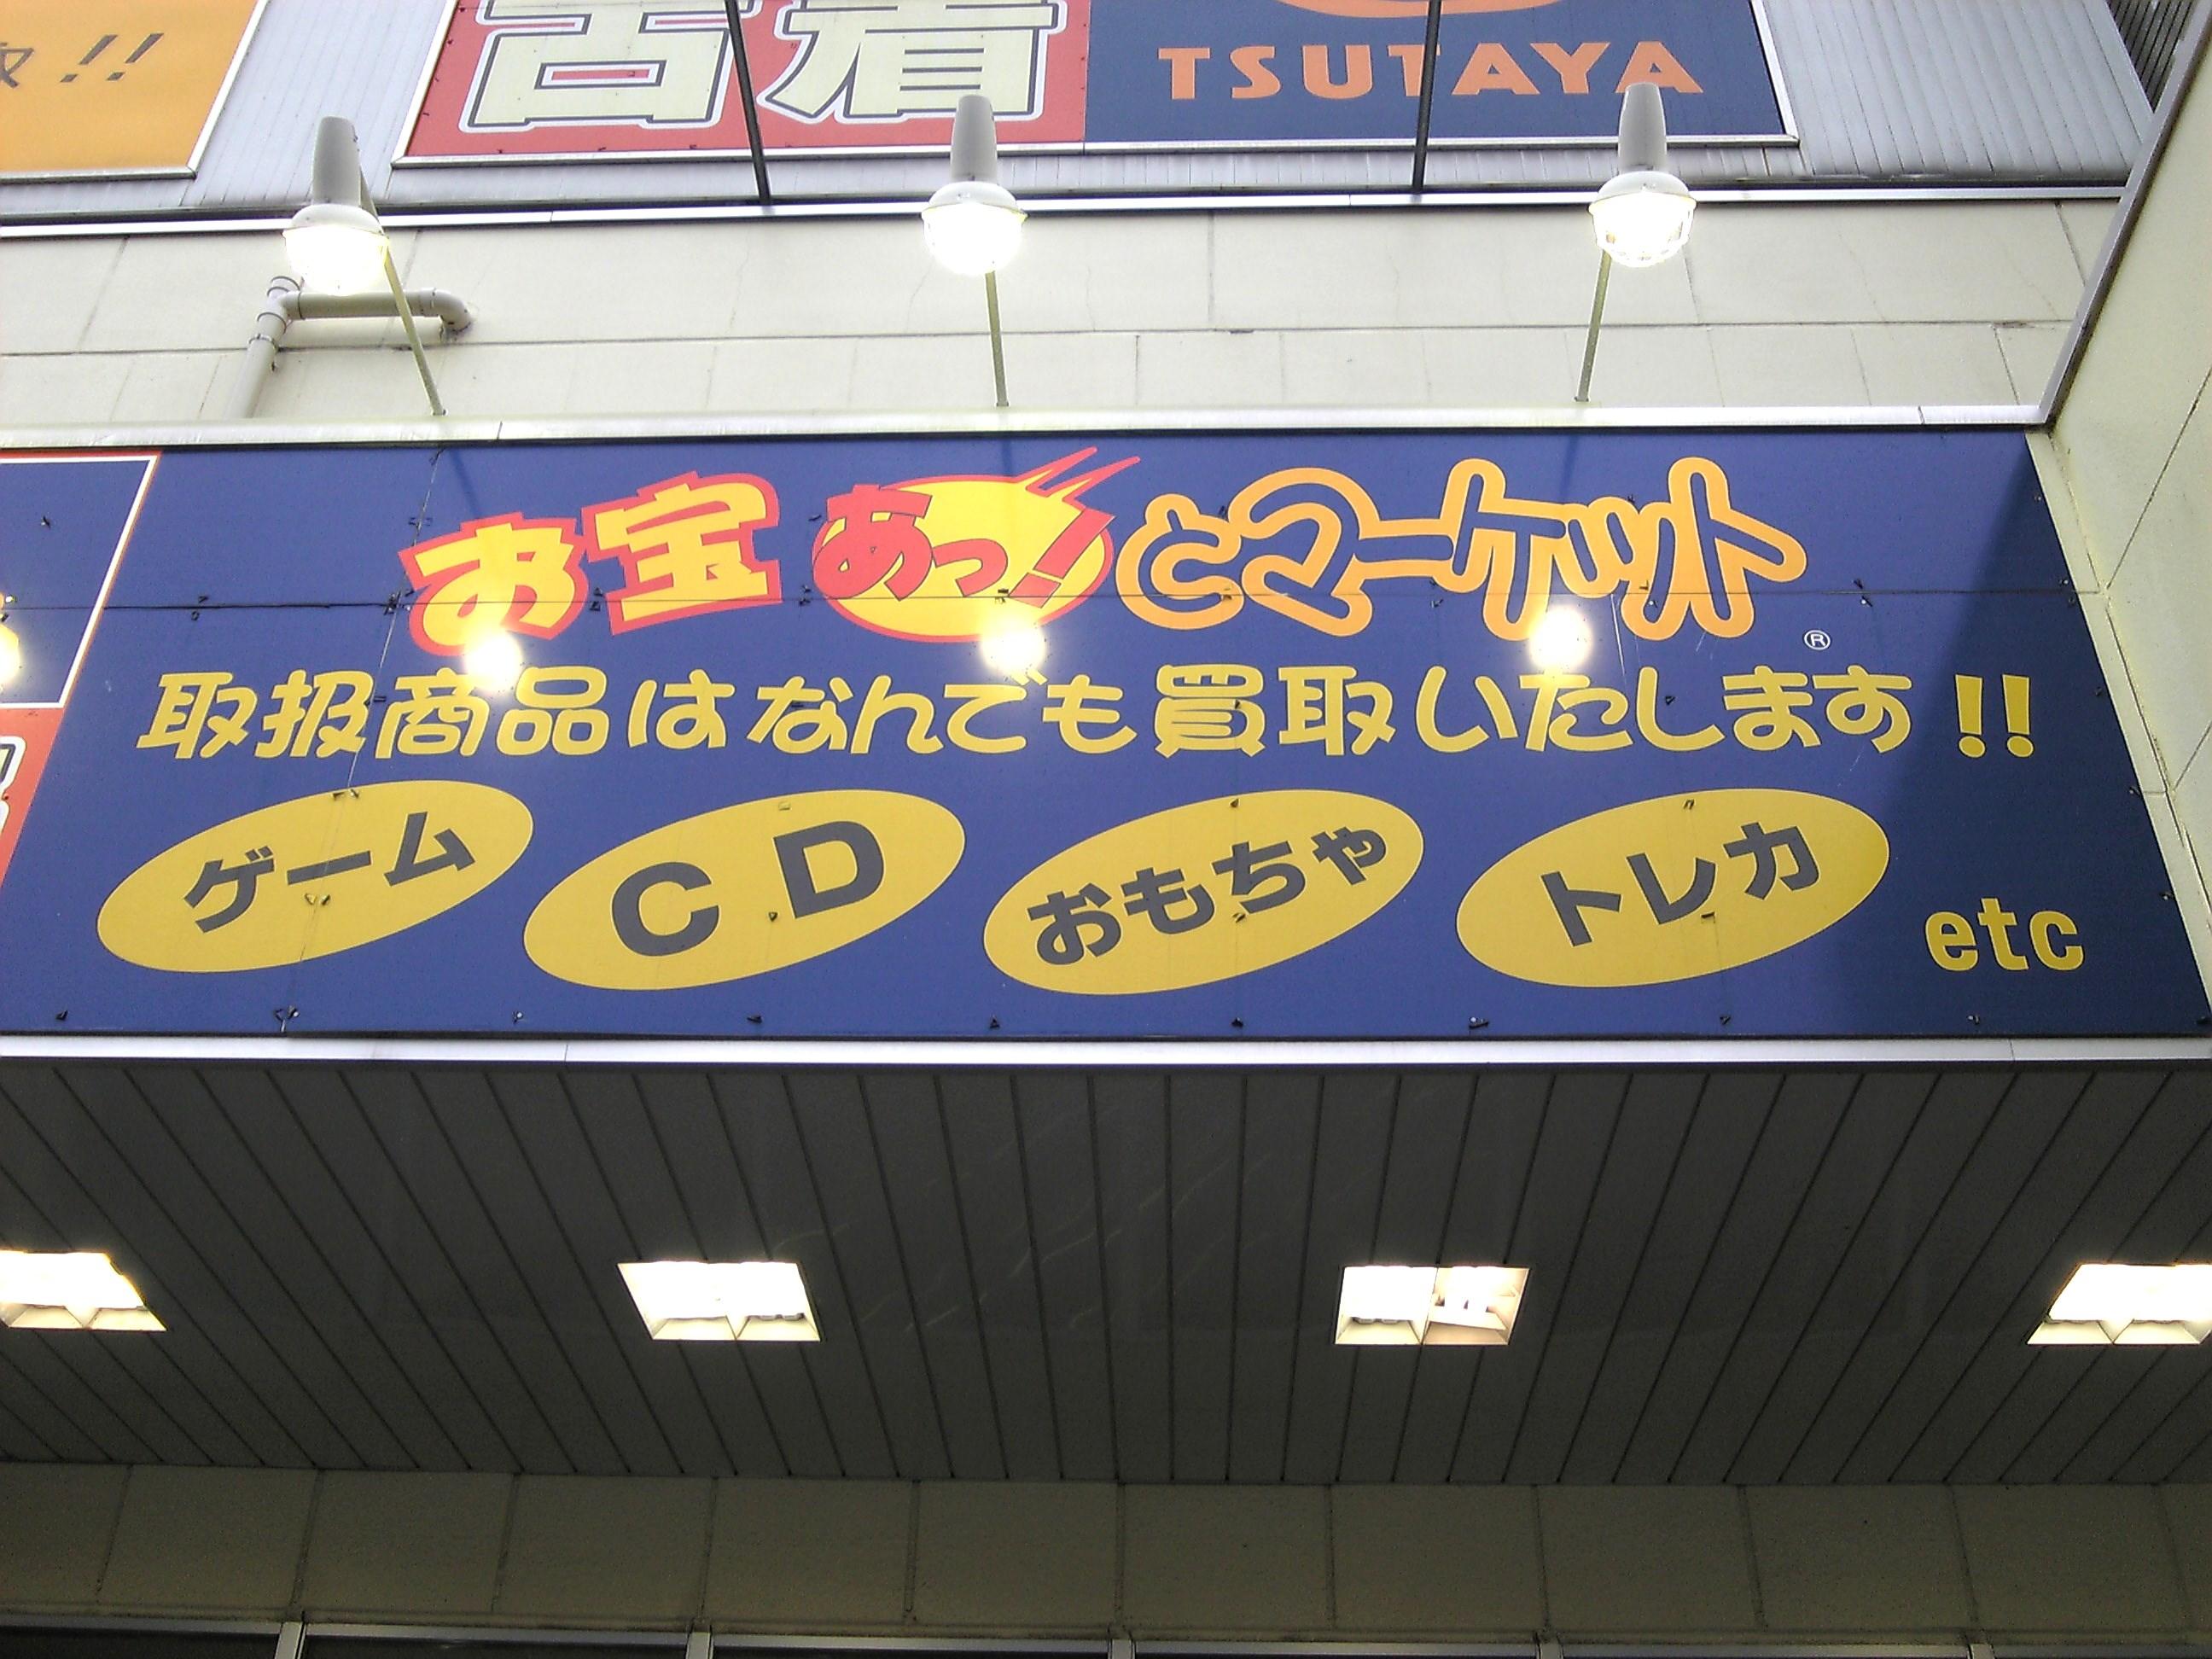 お宝あっとマーケット東習志野店200804-1